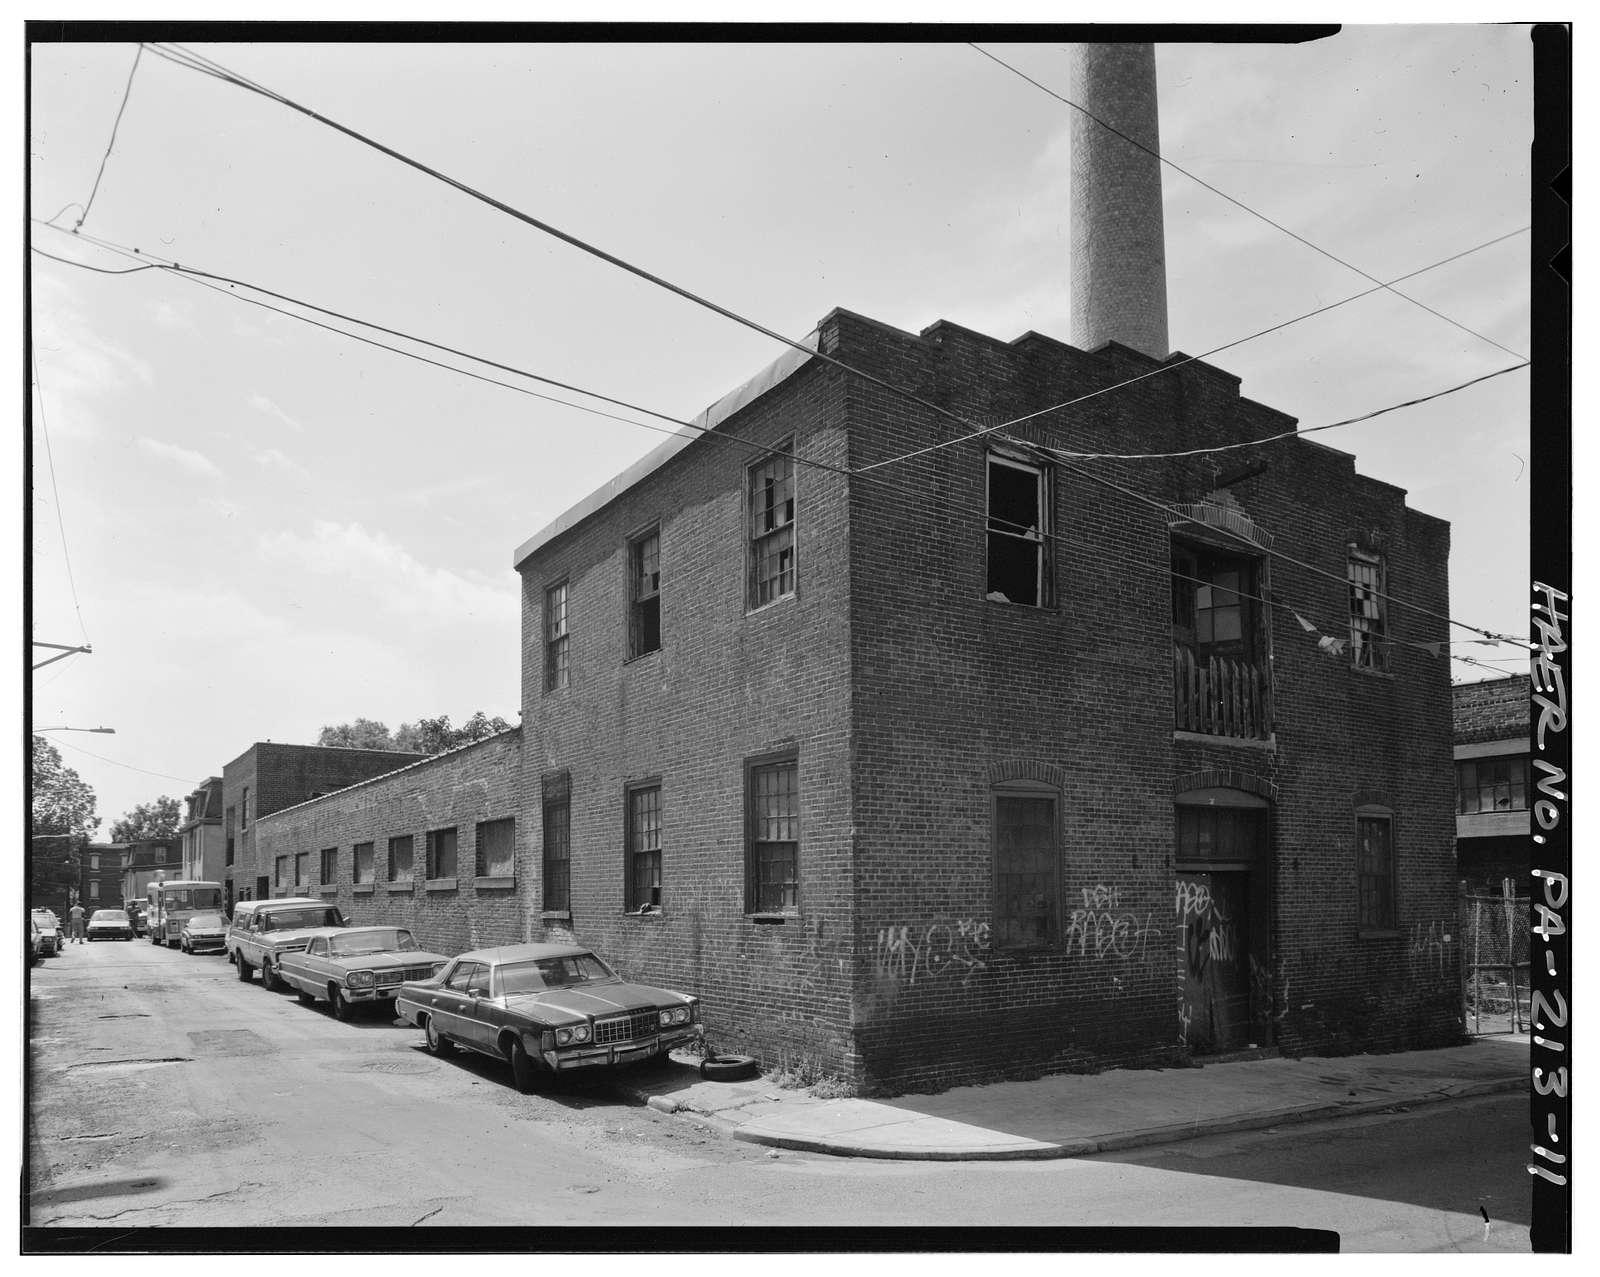 Daniel F. Waters Germantown Dye Works, 37-55 East Wister Street, Philadelphia, Philadelphia County, PA